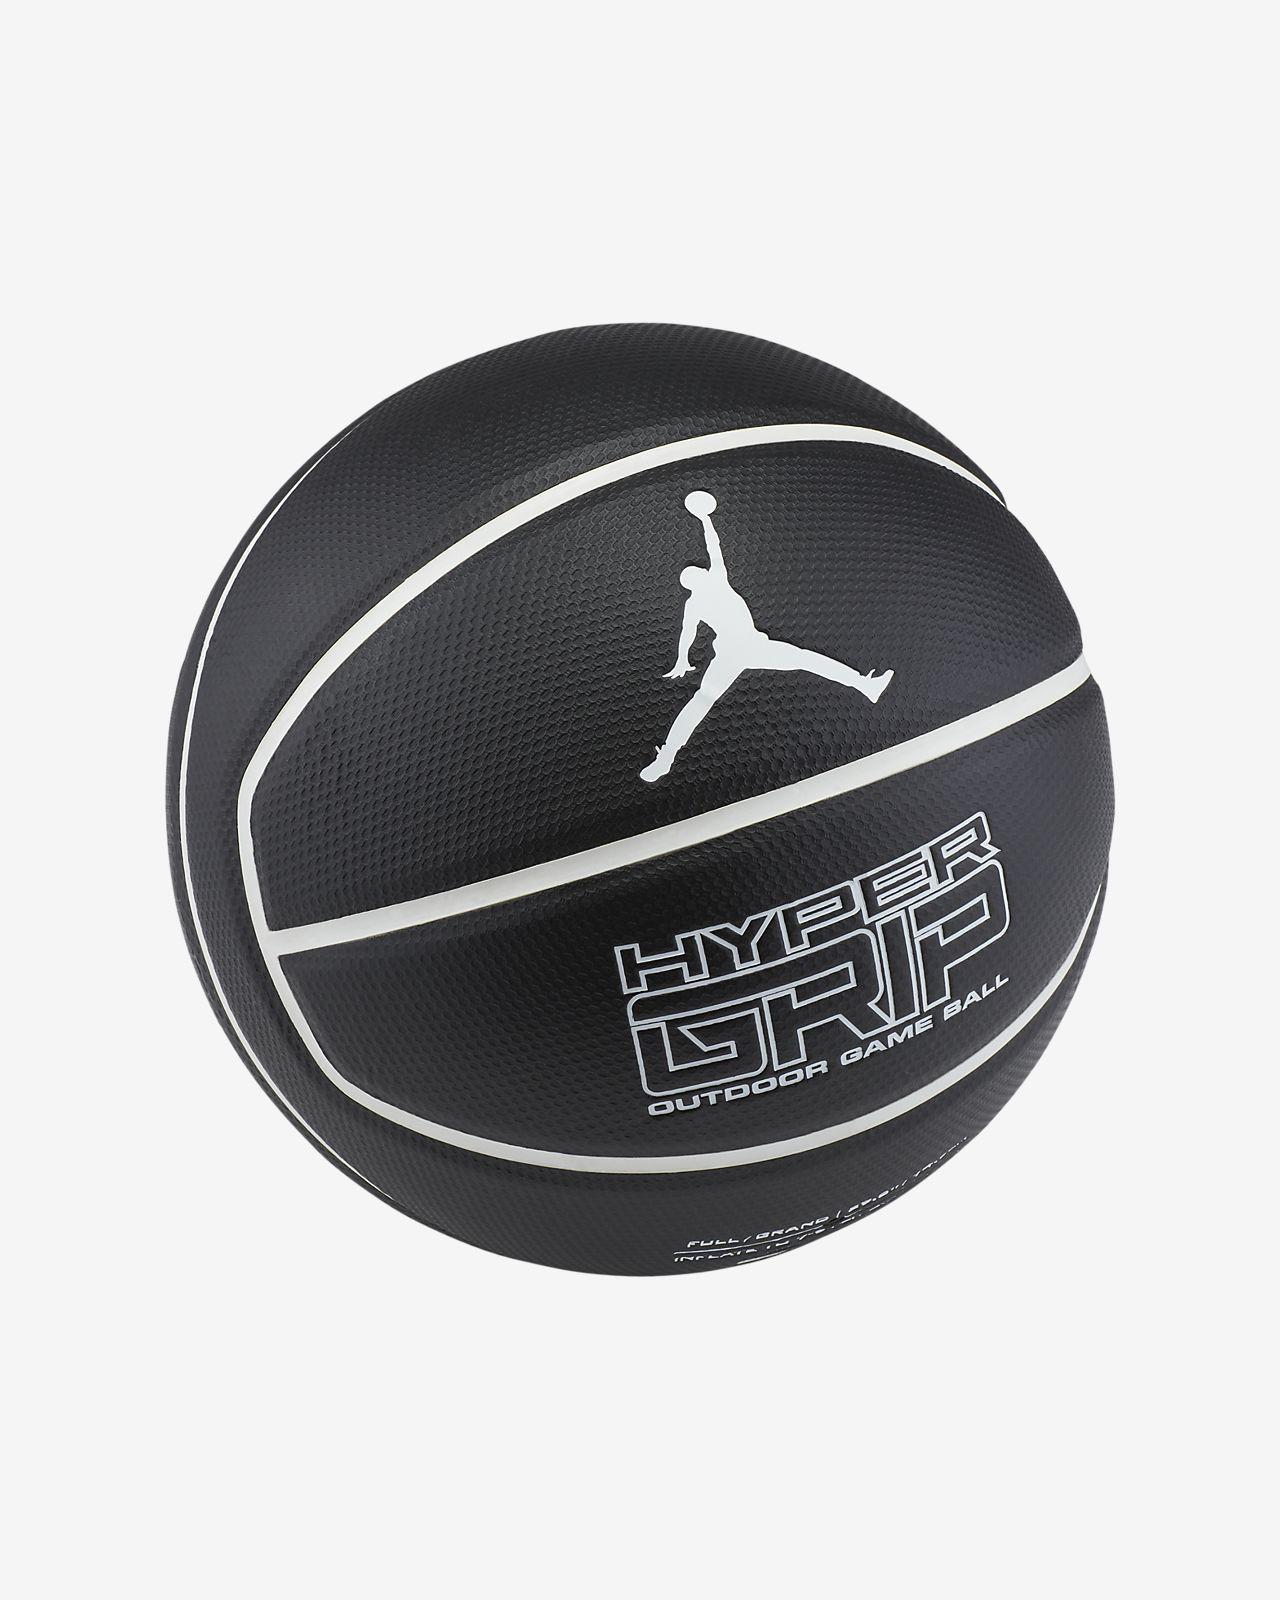 ลูกบาสเก็ตบอล Jordan HyperGrip 4P